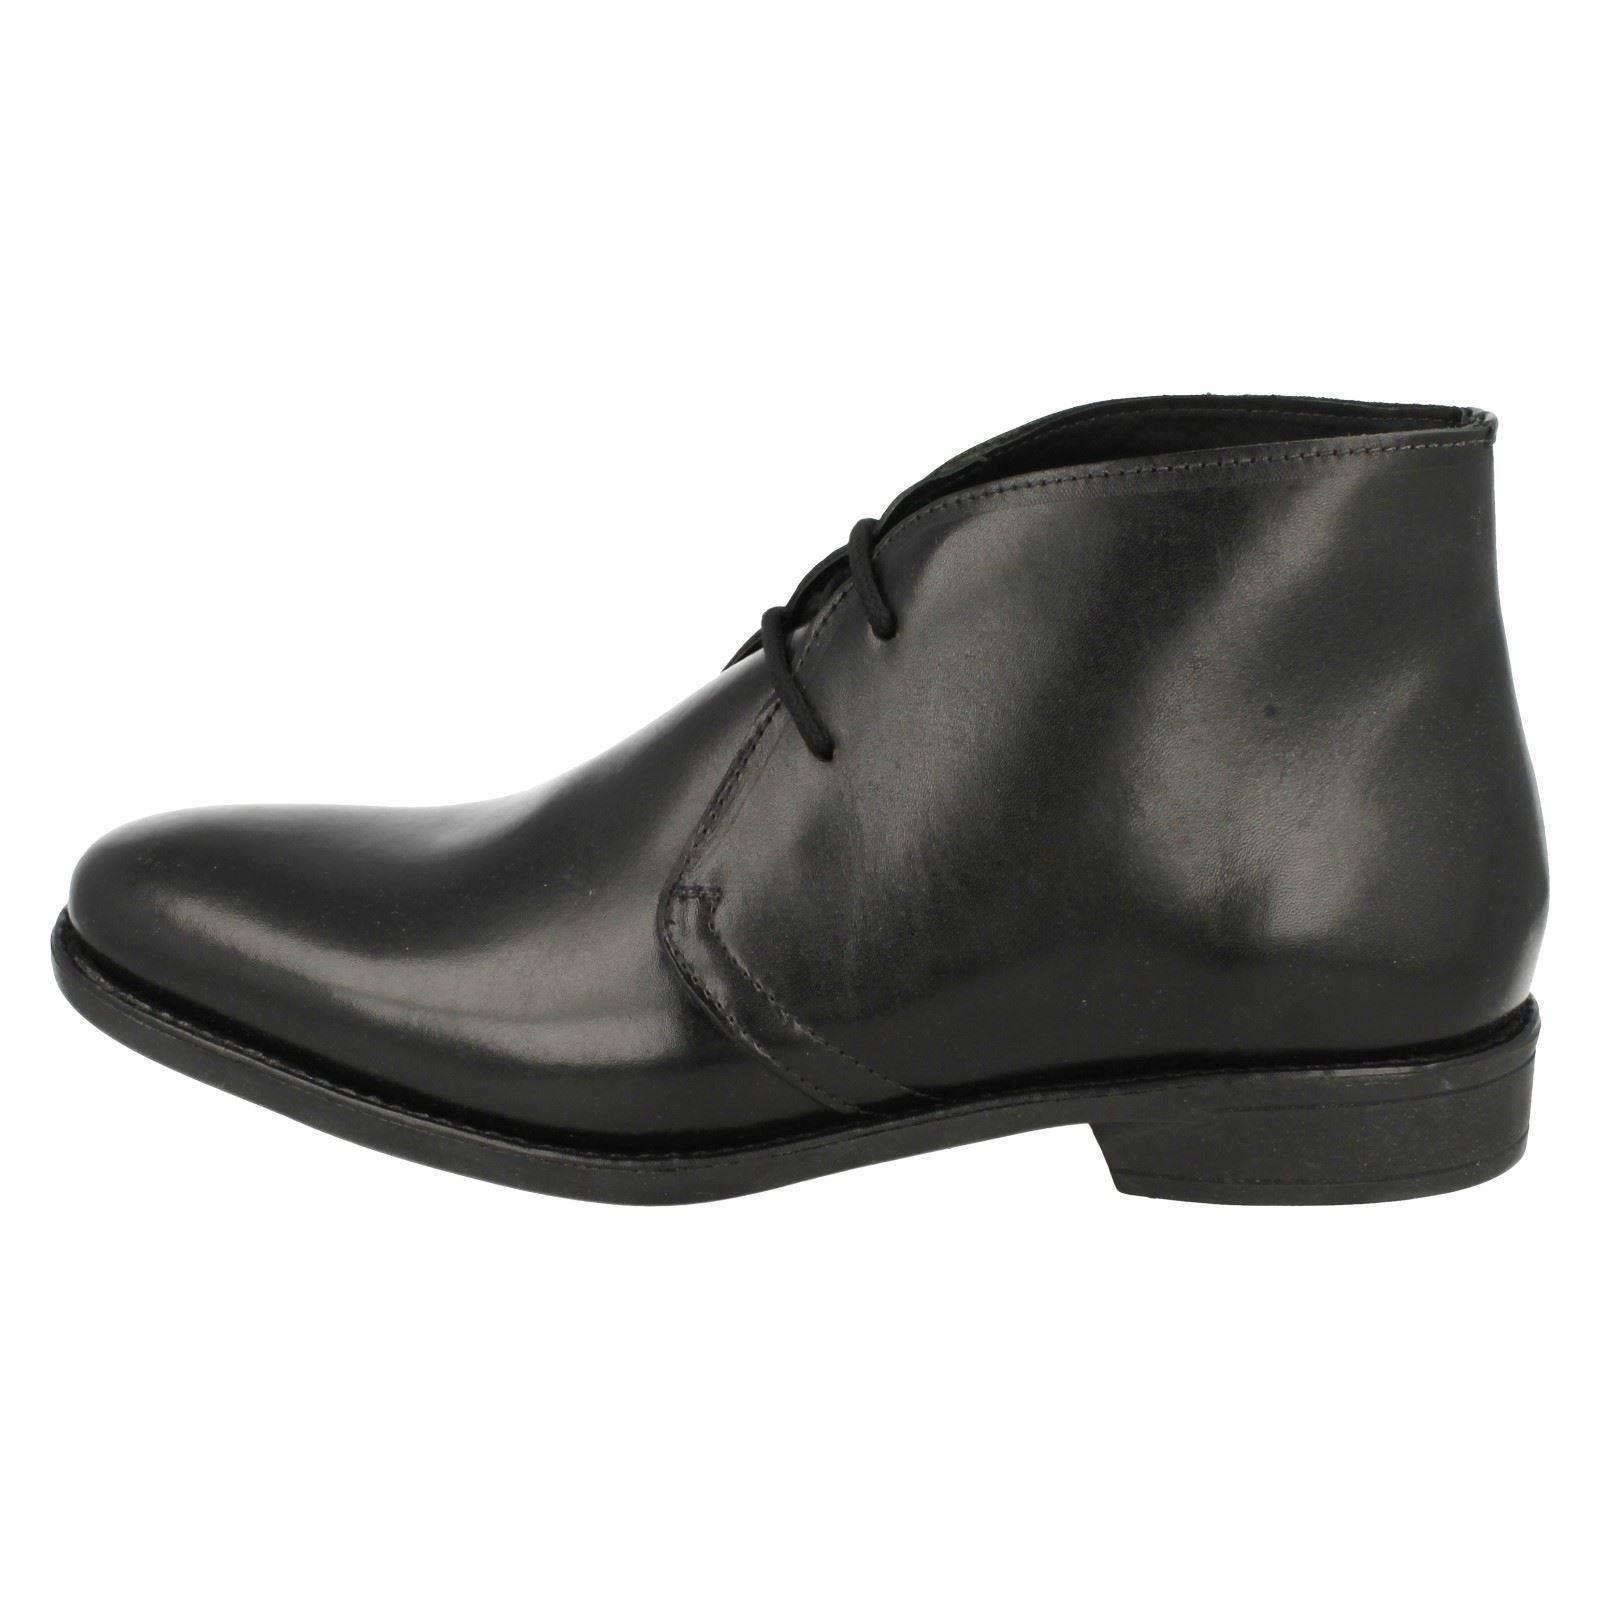 Herren Smart Anatomic Smart Herren Lace Up Ankle Stiefel 'Curitiba' 29f6c6